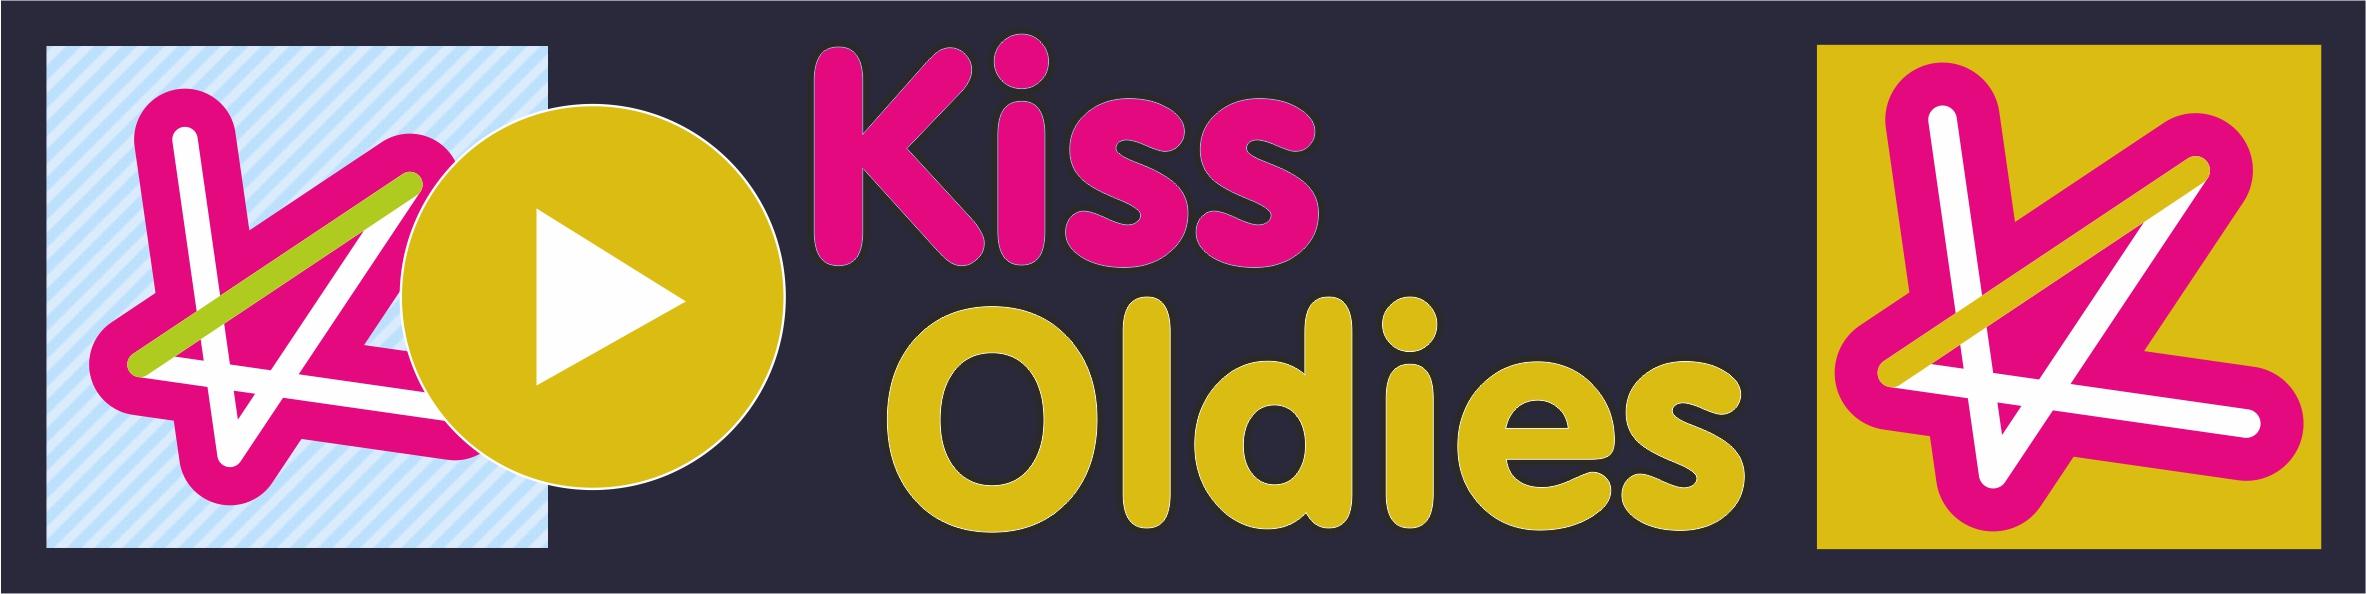 Kiss Oldies